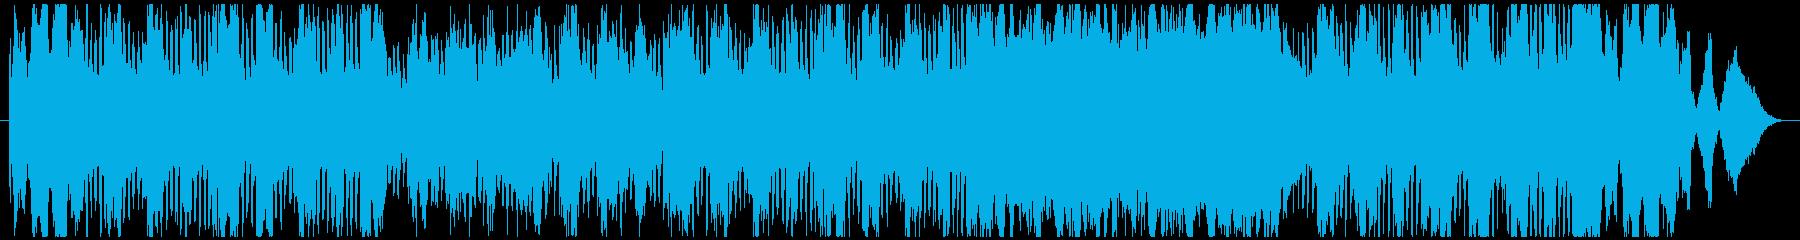 バロック調の楽曲をヒップホップにのせての再生済みの波形